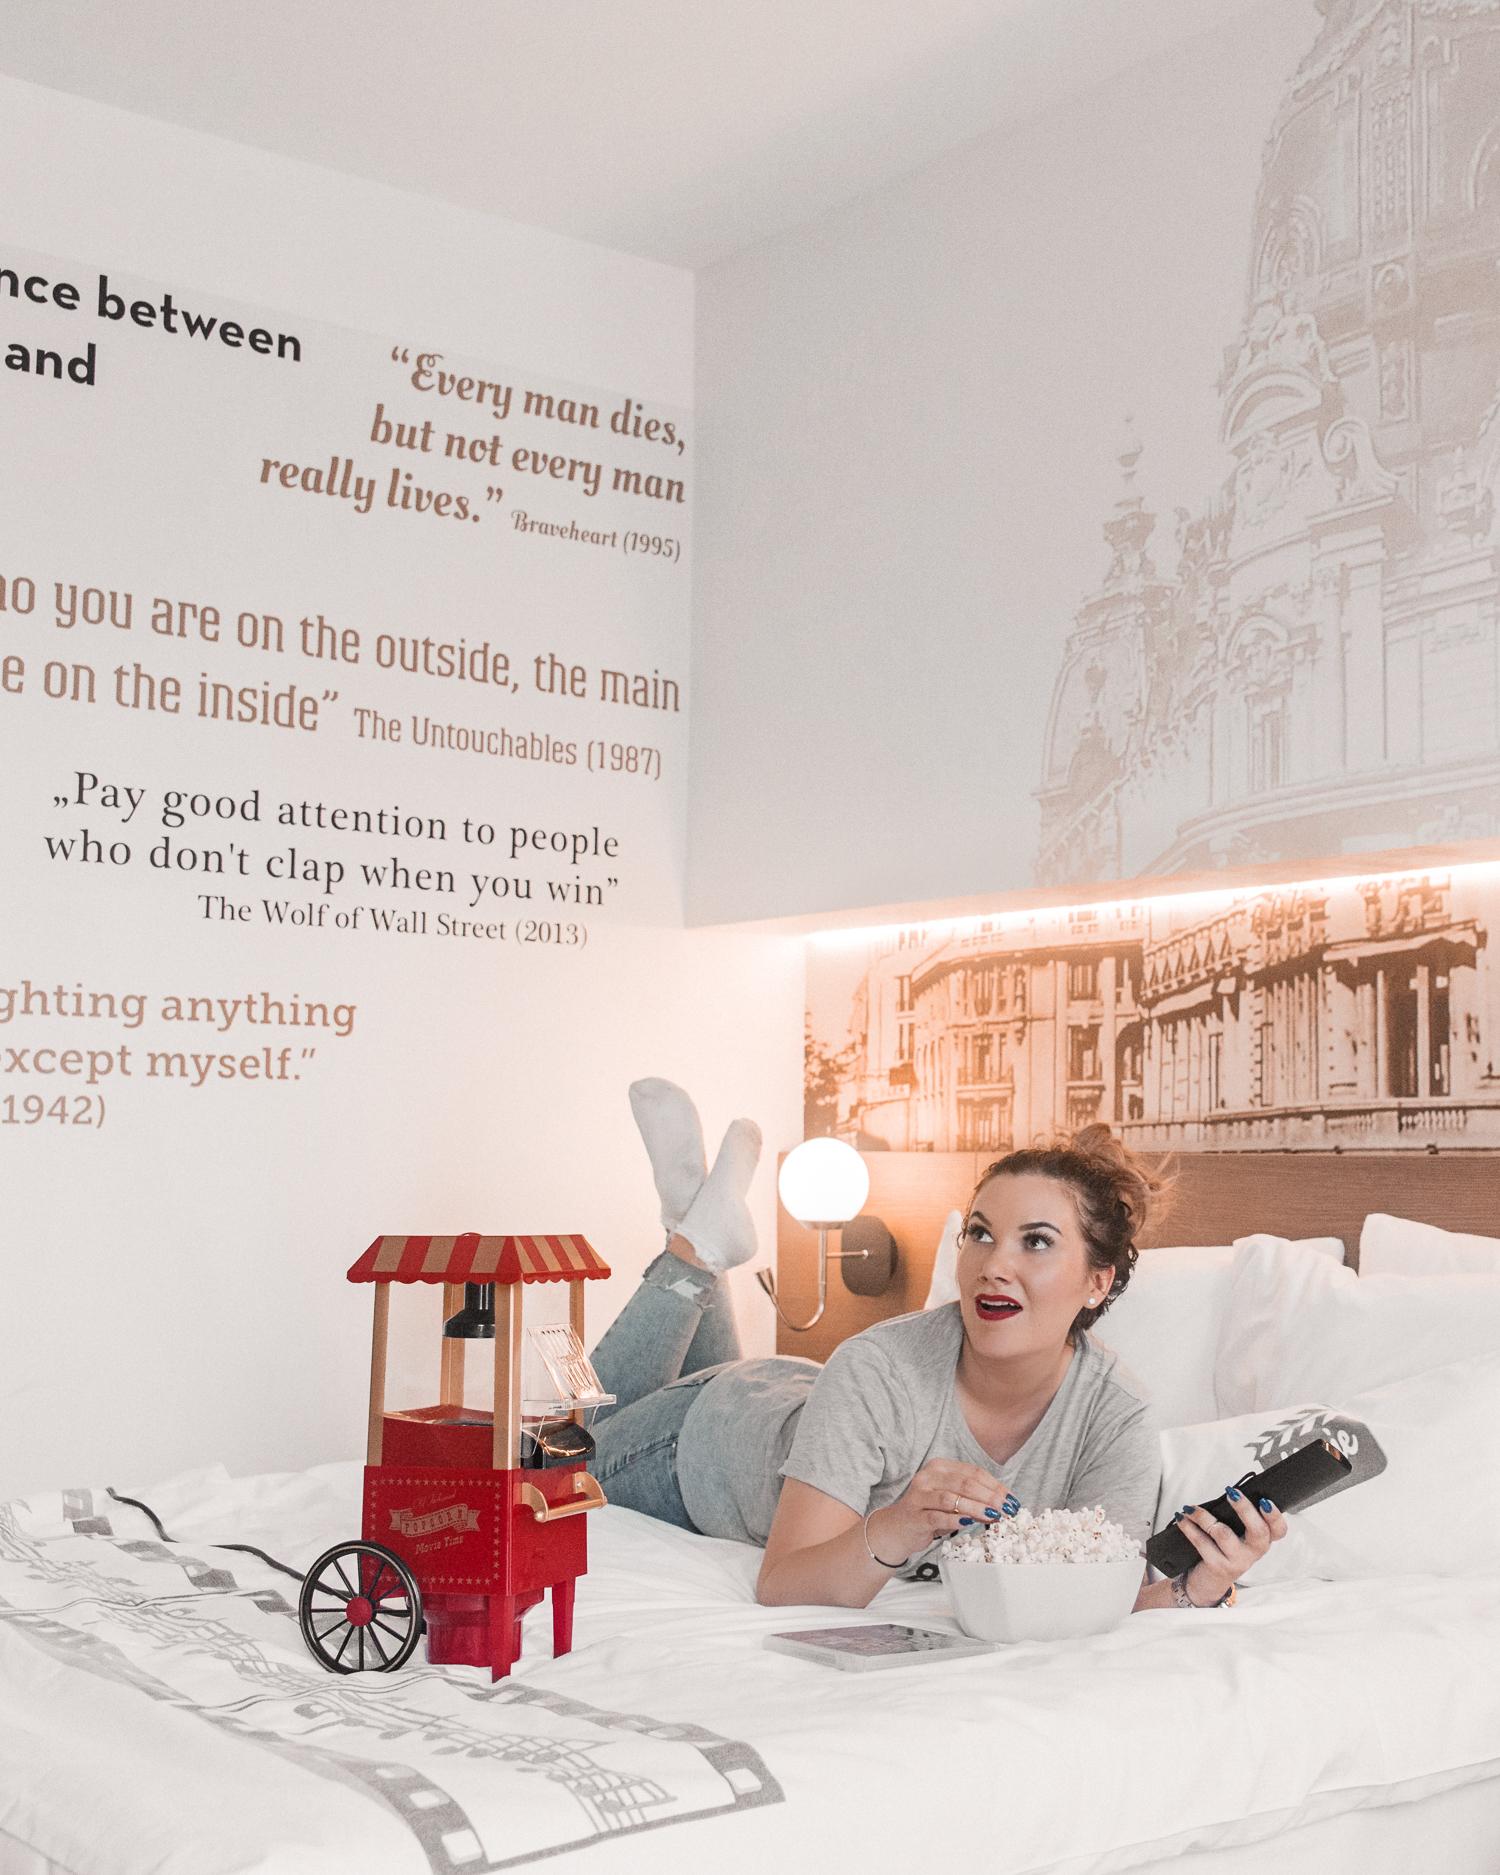 Filmkväll i sängen |Saker att göra hemma i karantän